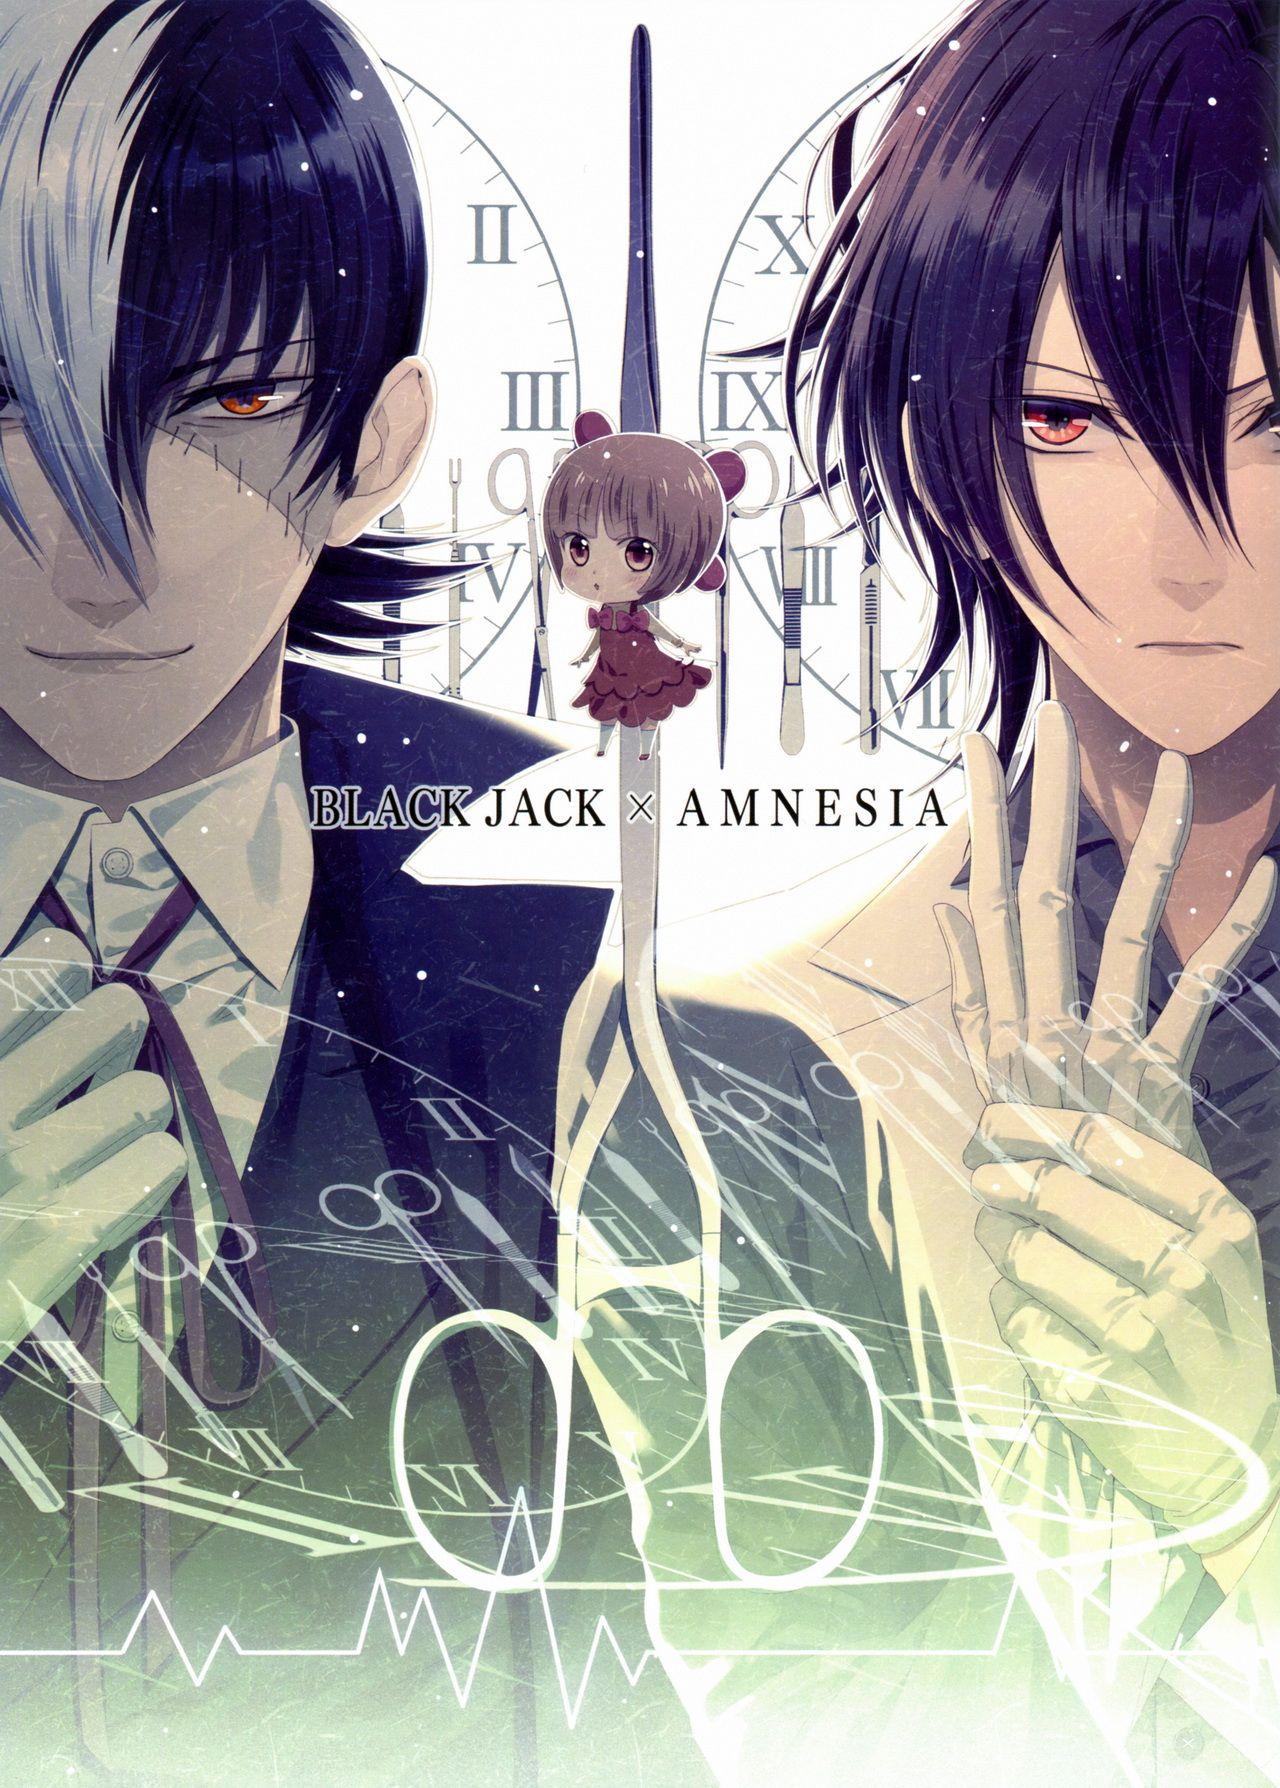 Black Jack Amnesia Black Jack Anime Jack Black Anime